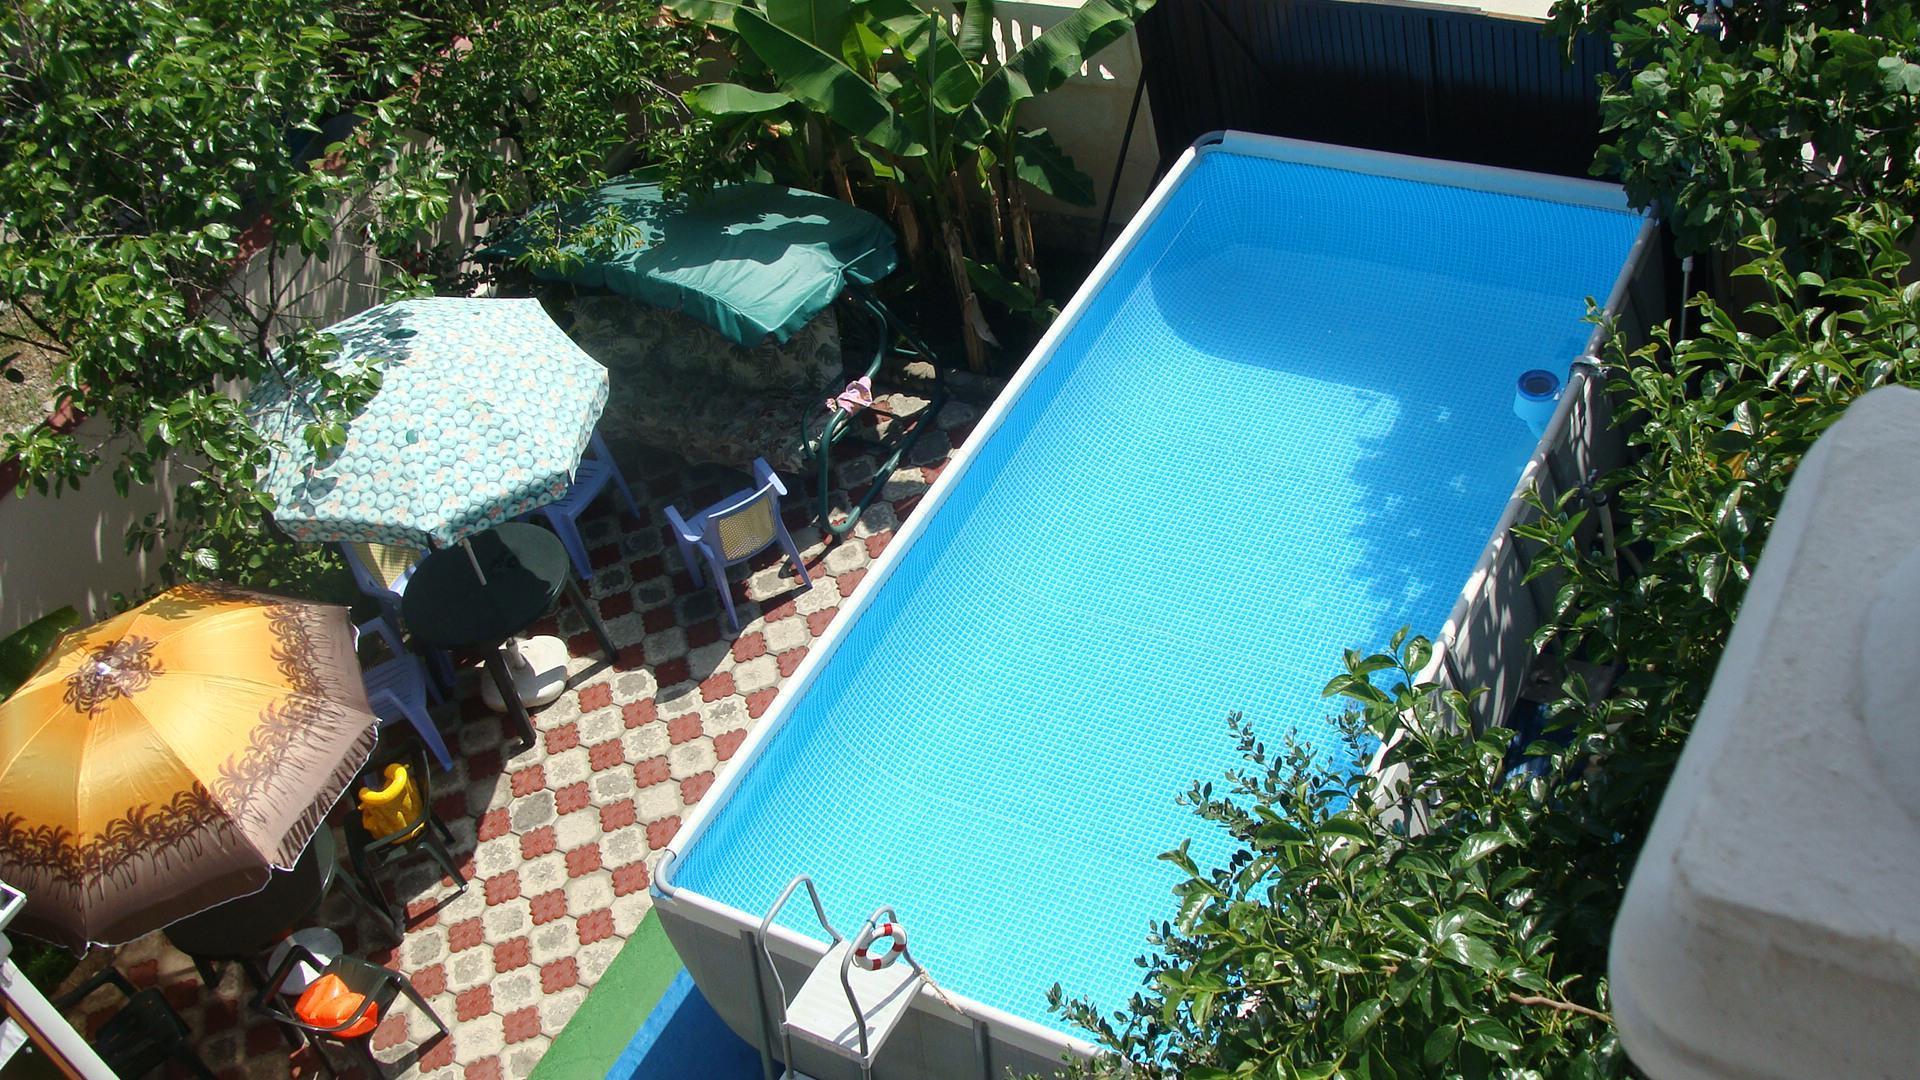 Чисто, уютно, отличный дизайн, удобства кухня, веранда,бассейн , приветливые и отзывчивые хозяева время проживания: в турфирме